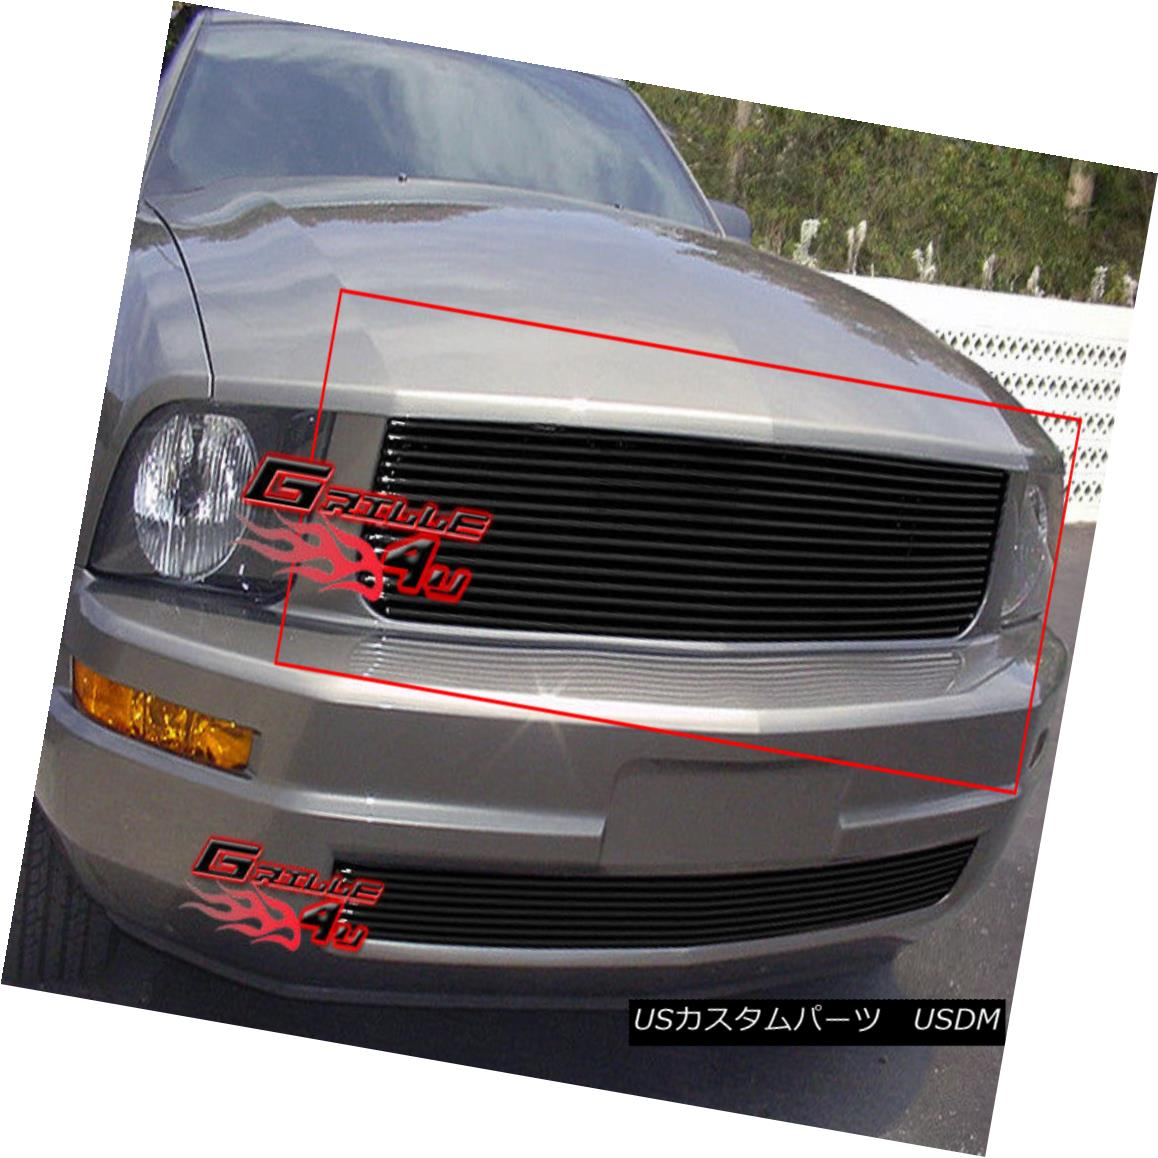 グリル Fits 2005-2009 Ford Mustang V6 Black Main Upper Billet Grille Insert フィット2005-2009フォードマスタングV6ブラックメインアッパービレットグリルインサート